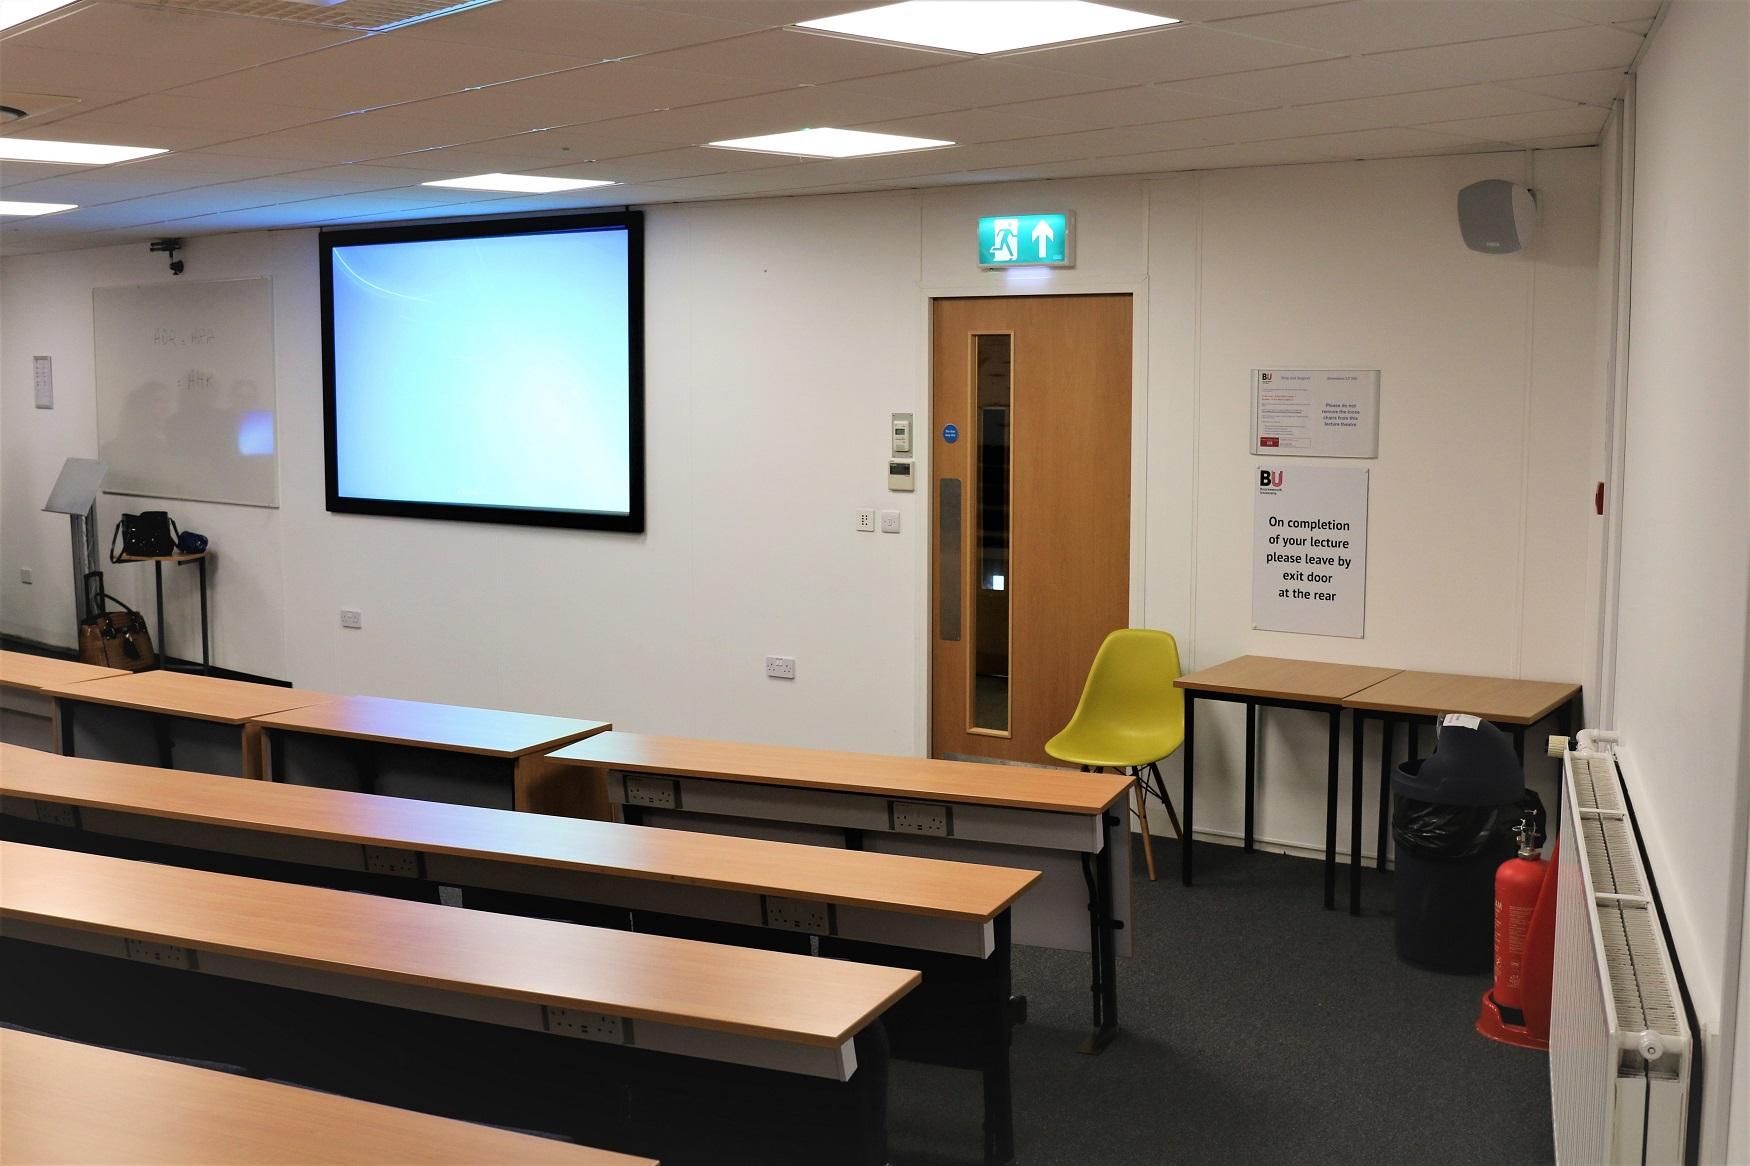 Refurbishment of University lecture theatre